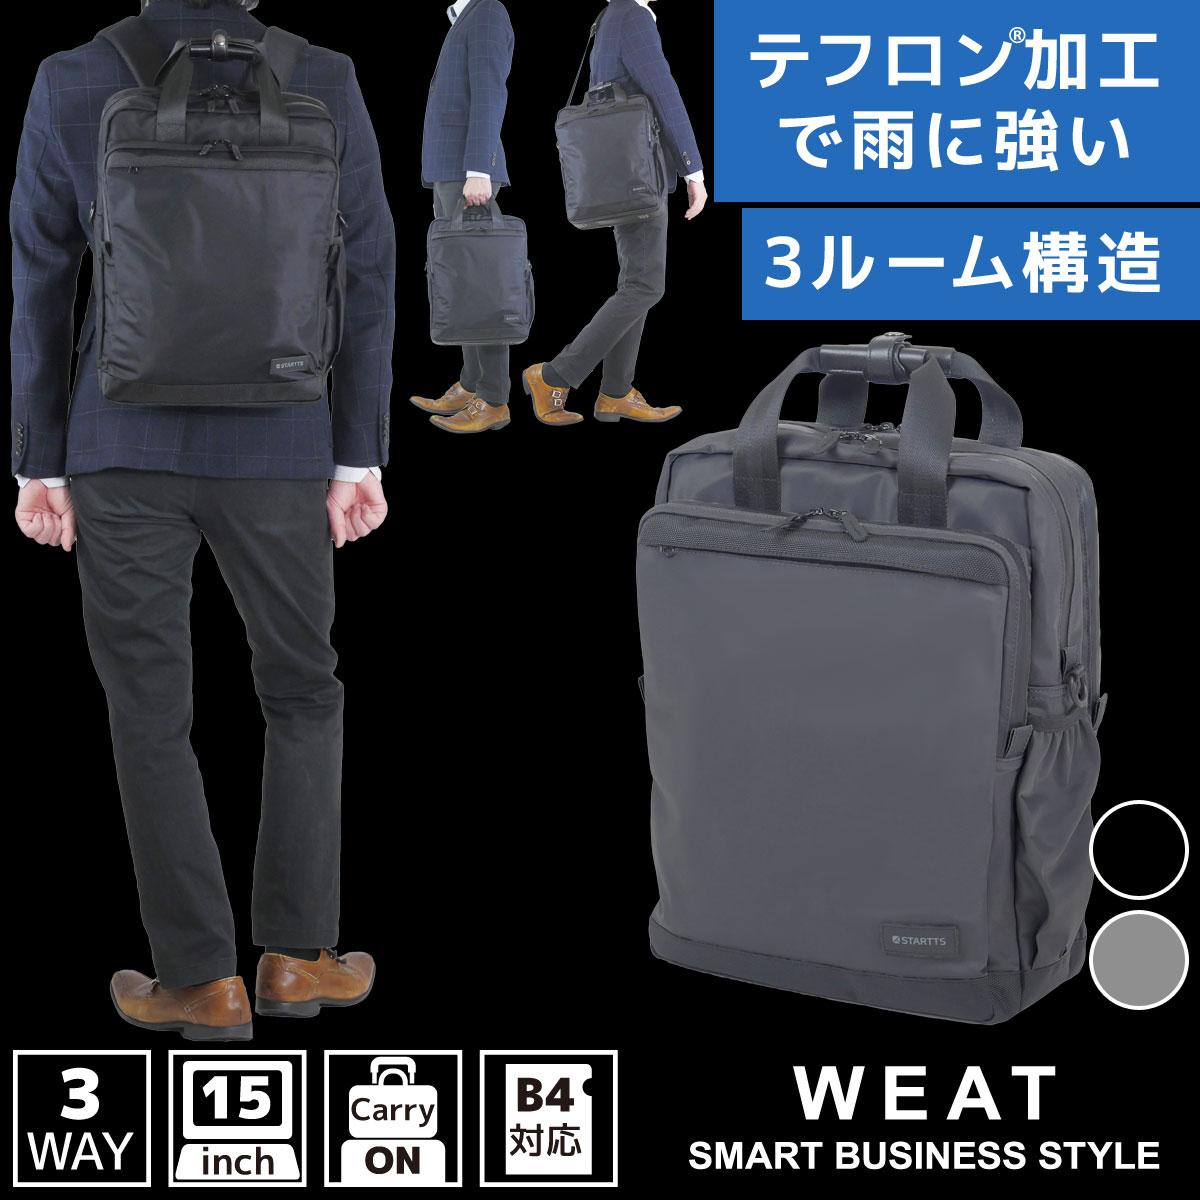 3WAY ビジネスバッグ ビジカジ止水3WAY縦キャリーオン スーツケースにセット WEAT WE-21 ビジネスリュック ブリーフケース